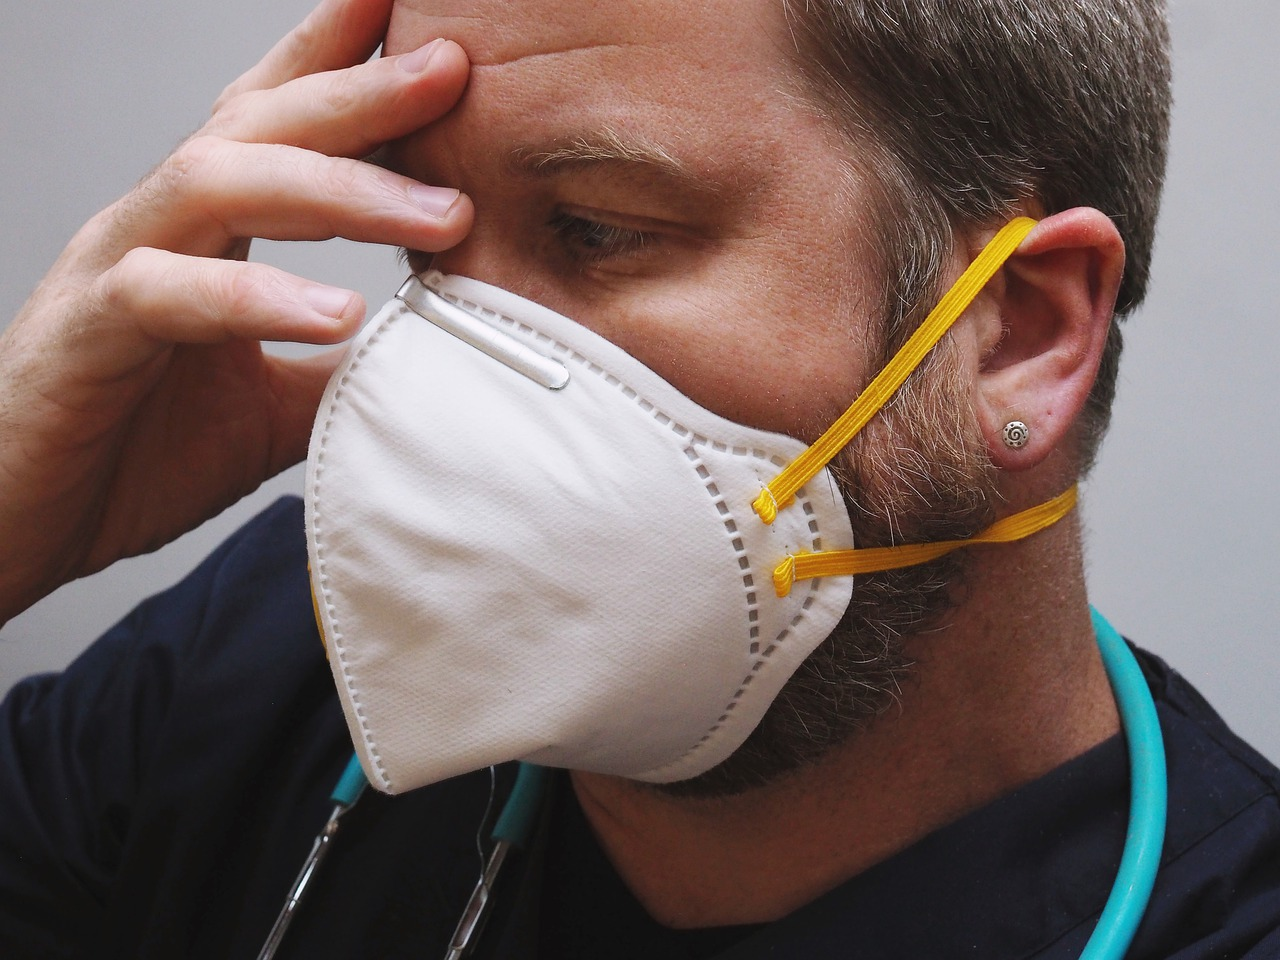 فيروس كورونا ينتشر في مستشفى داخل إدمونتون وكذلك على متن رحلات الطيران فى مونتريال